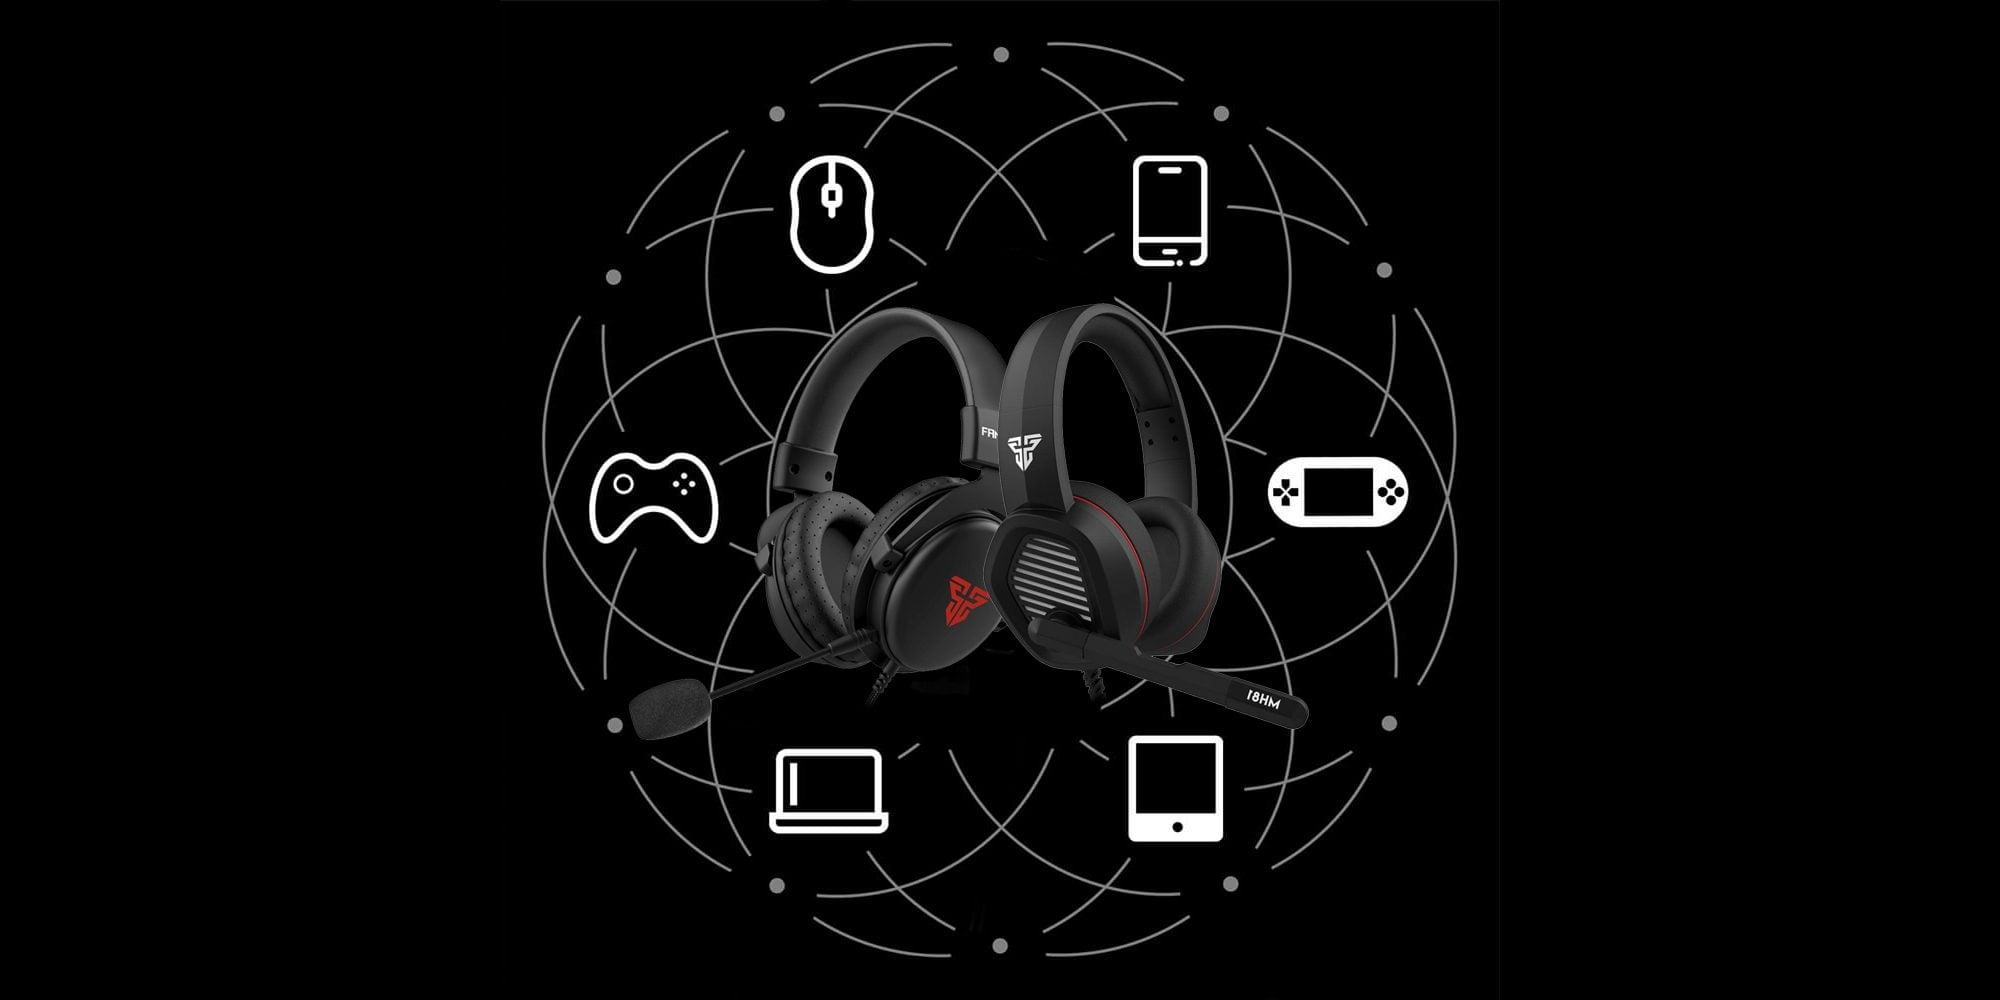 Fantech Scout MH81 и Echo MH82 - мультиплатформенные игровые гарнитуры